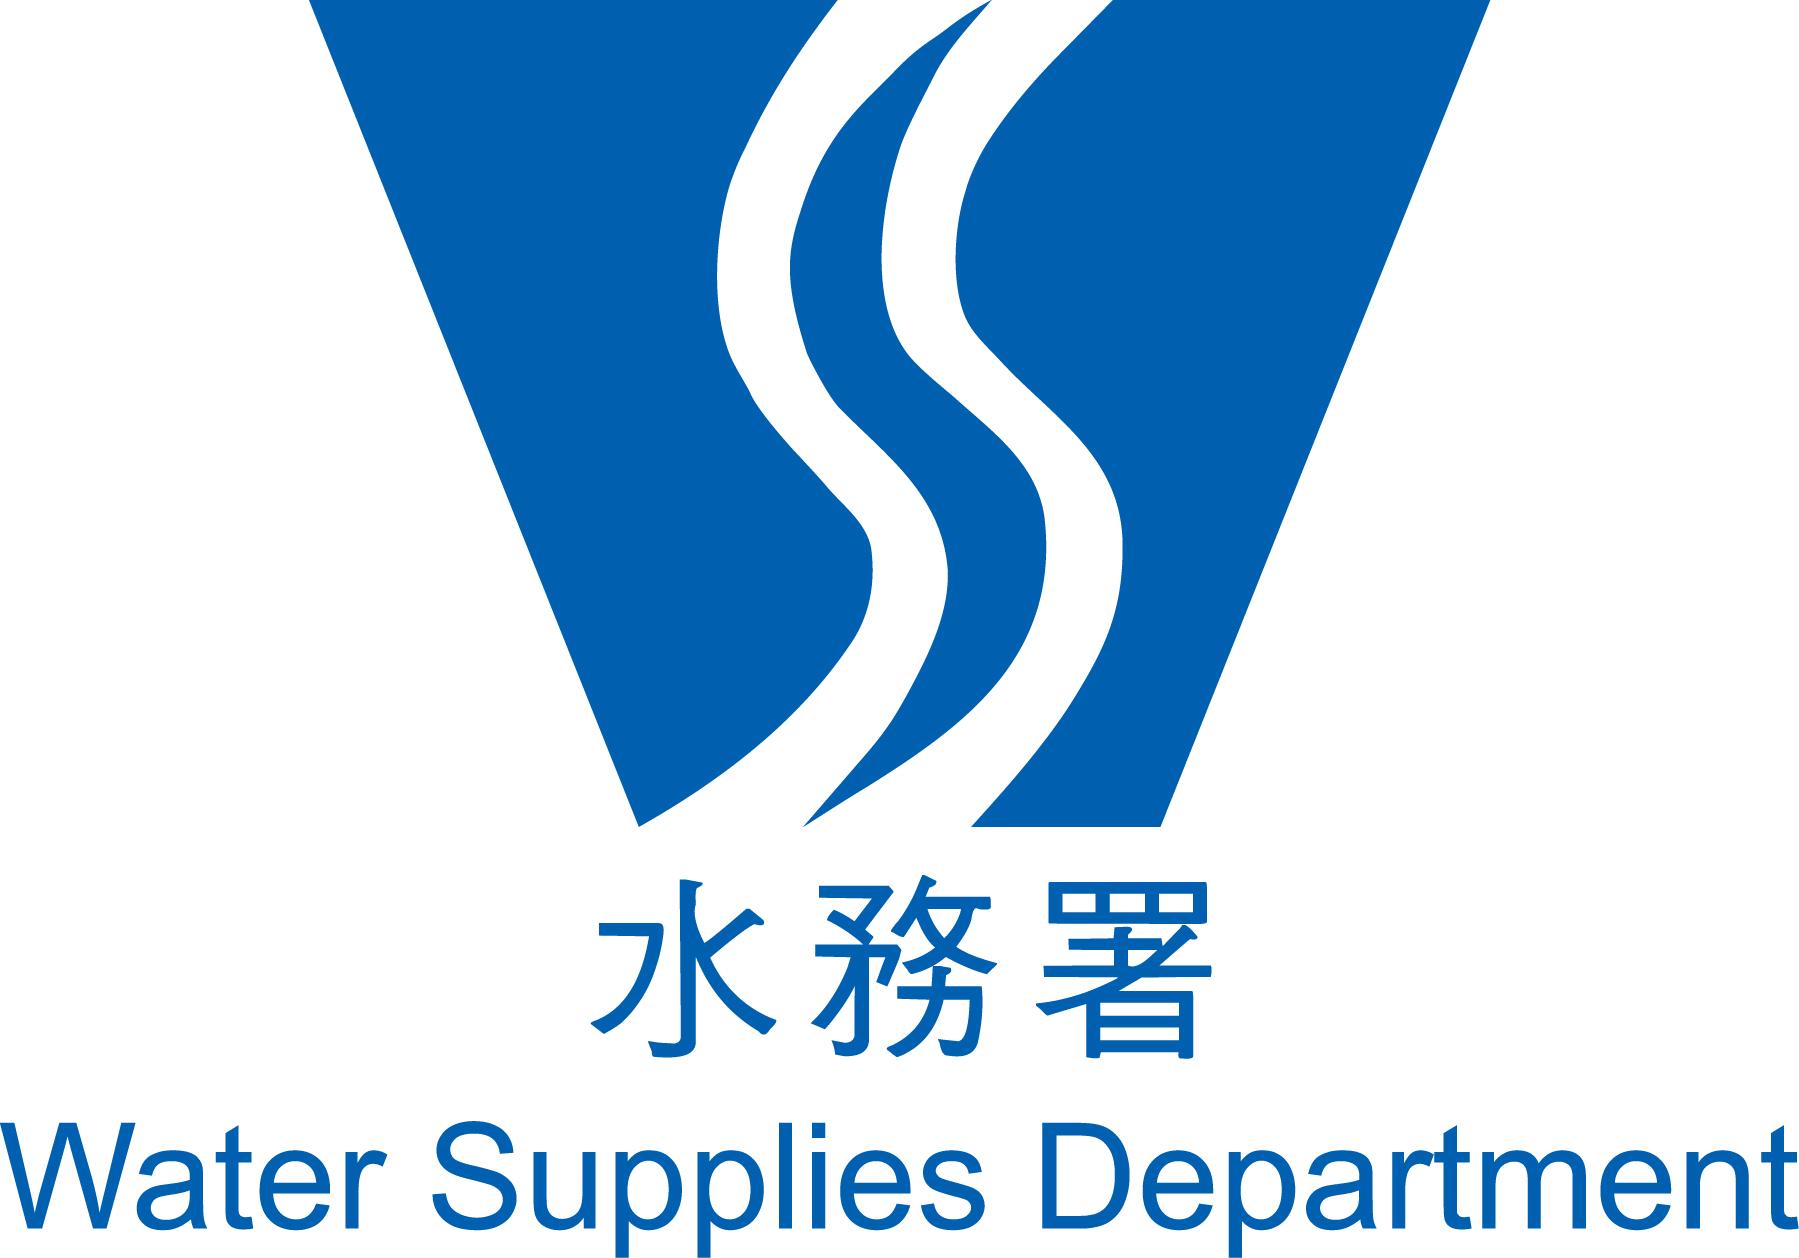 wsd-logo01.jpg